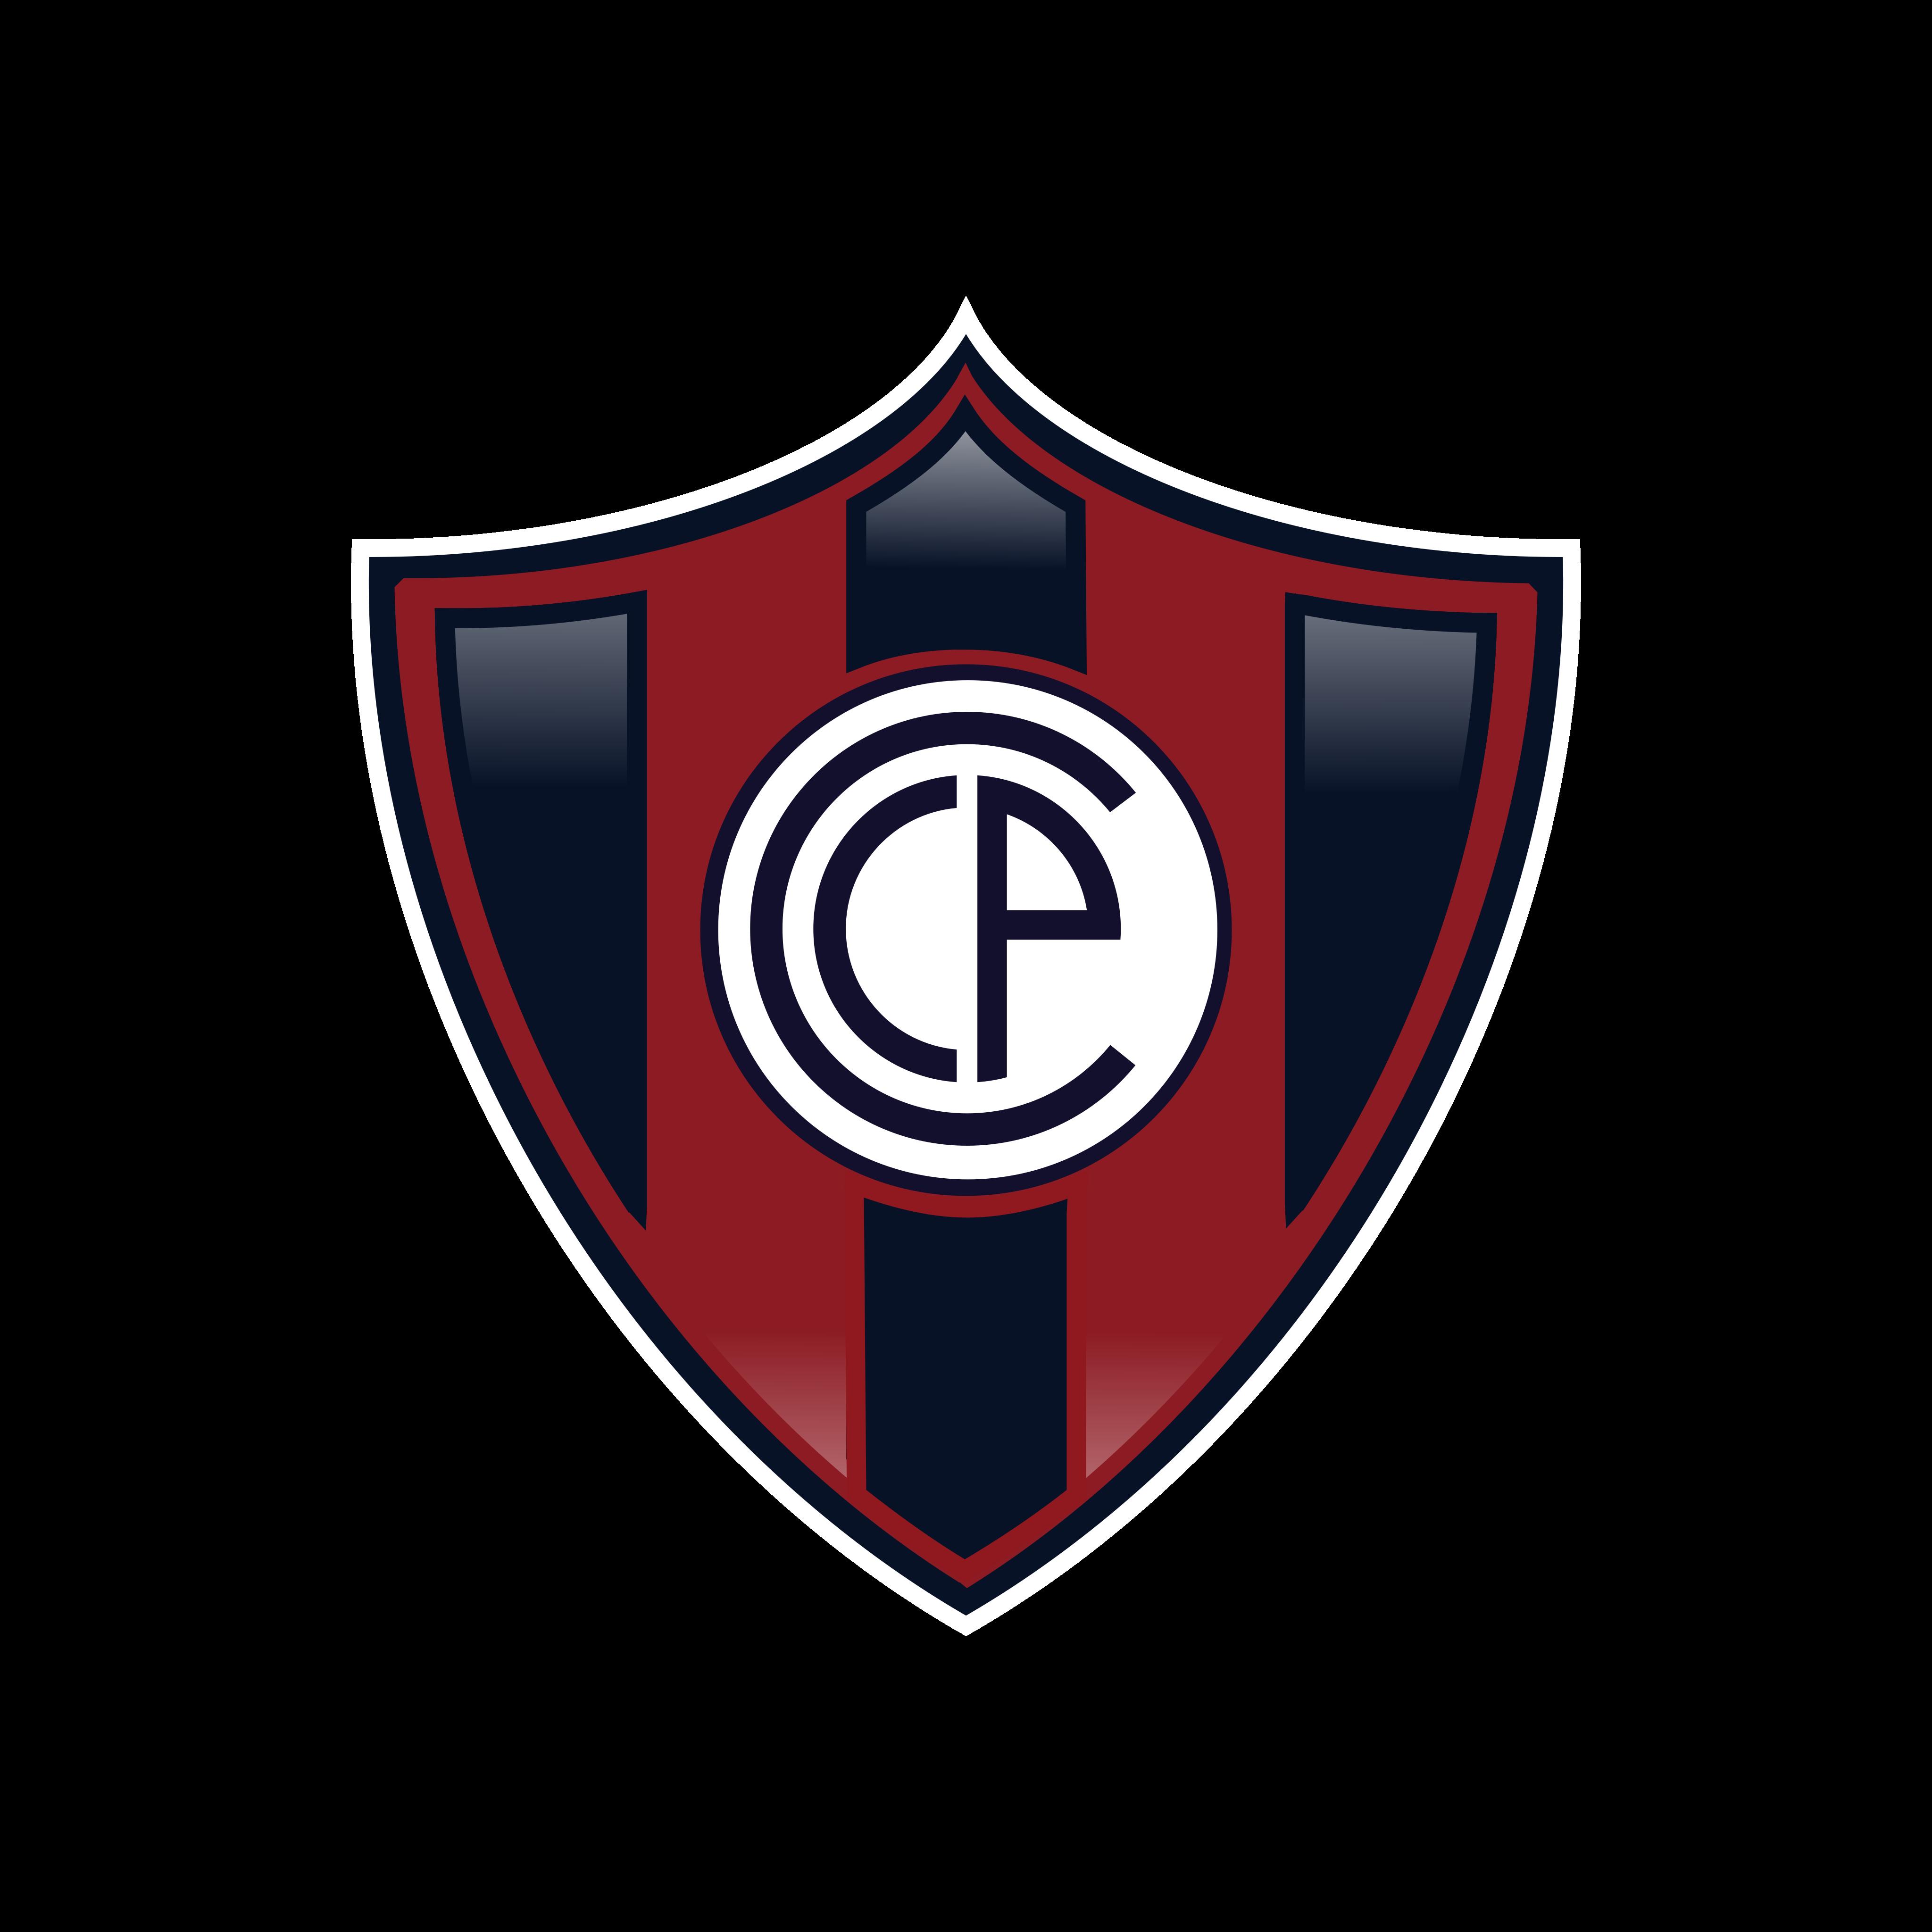 cerro porteno logo 0 - Cerro Porteño Logo